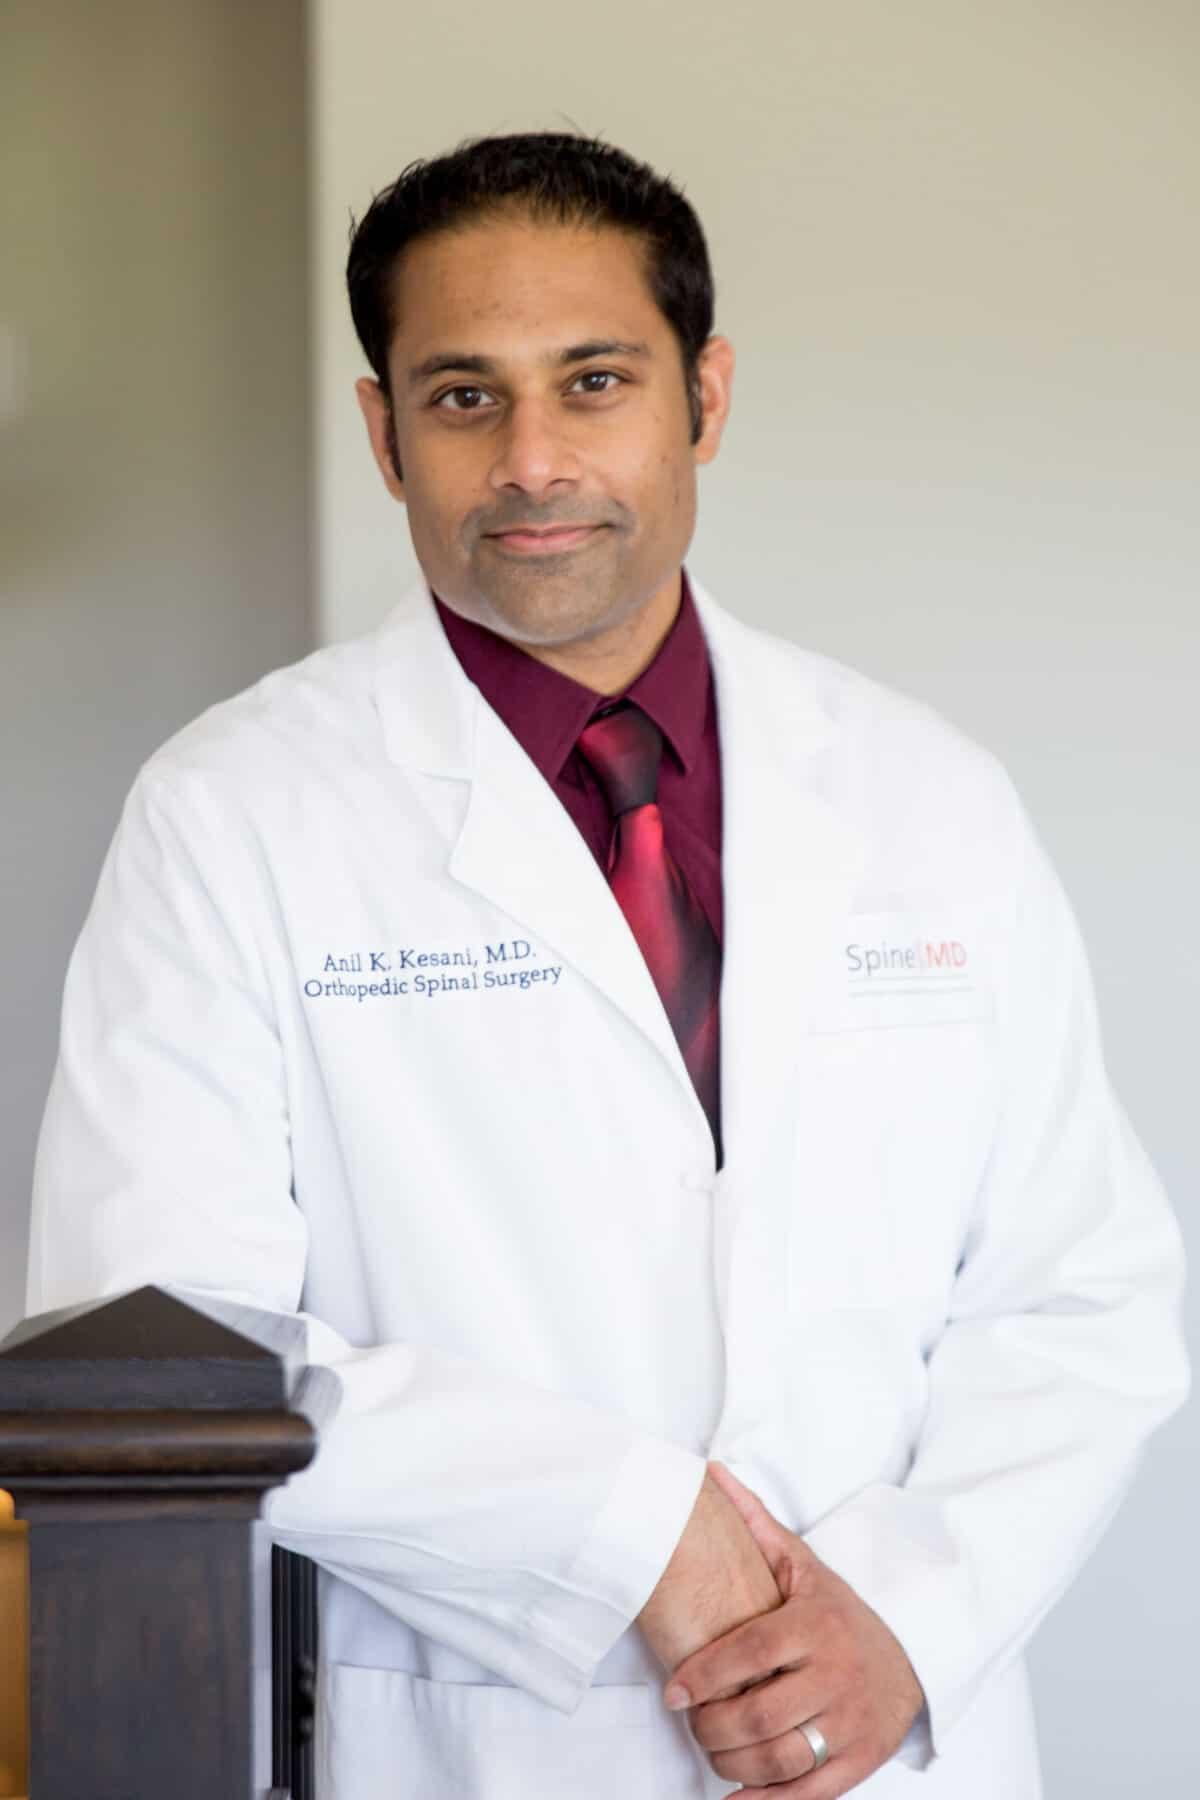 Anil Kesani MD Spine Surgeon